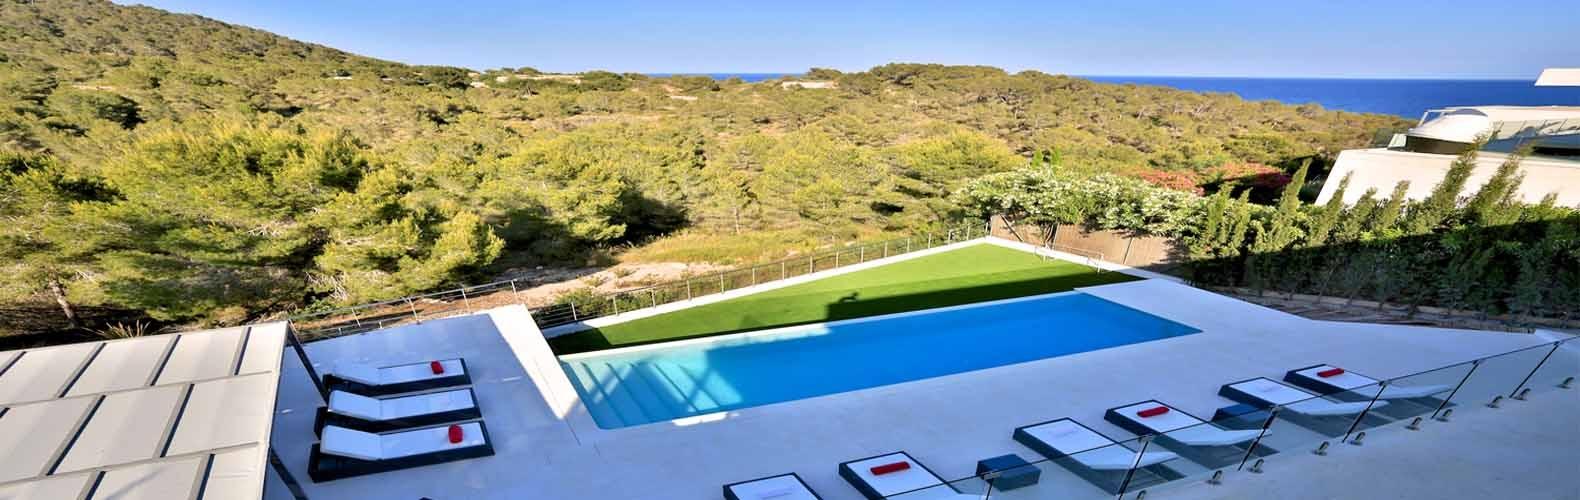 Alquiler y Venta de pisos y casas en Ibiza